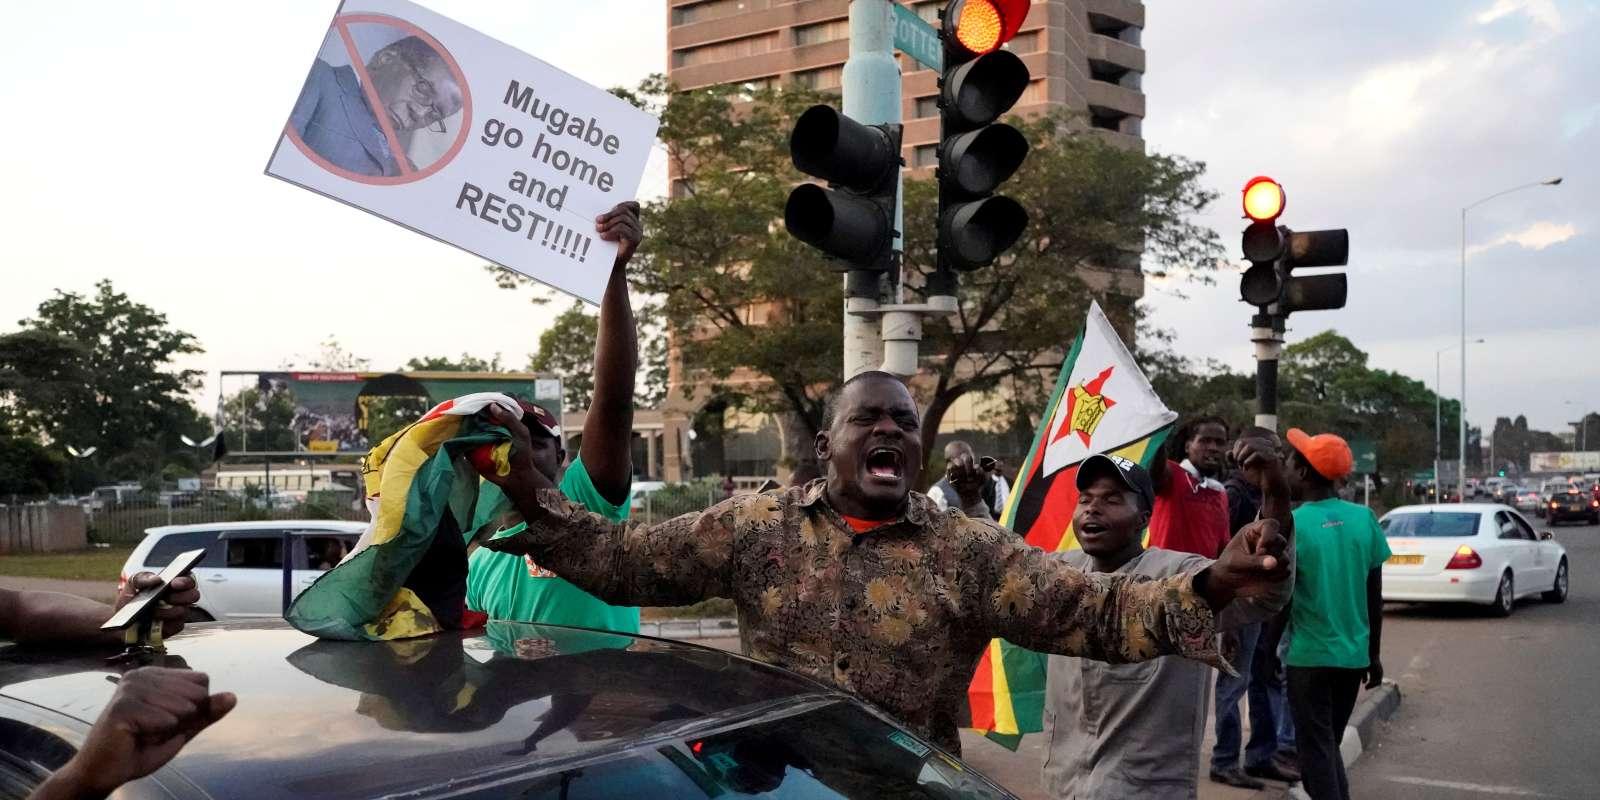 Scènes de liesse dans les rues d'Harare après la démission de Robert Mugabe, le 21 novembre.